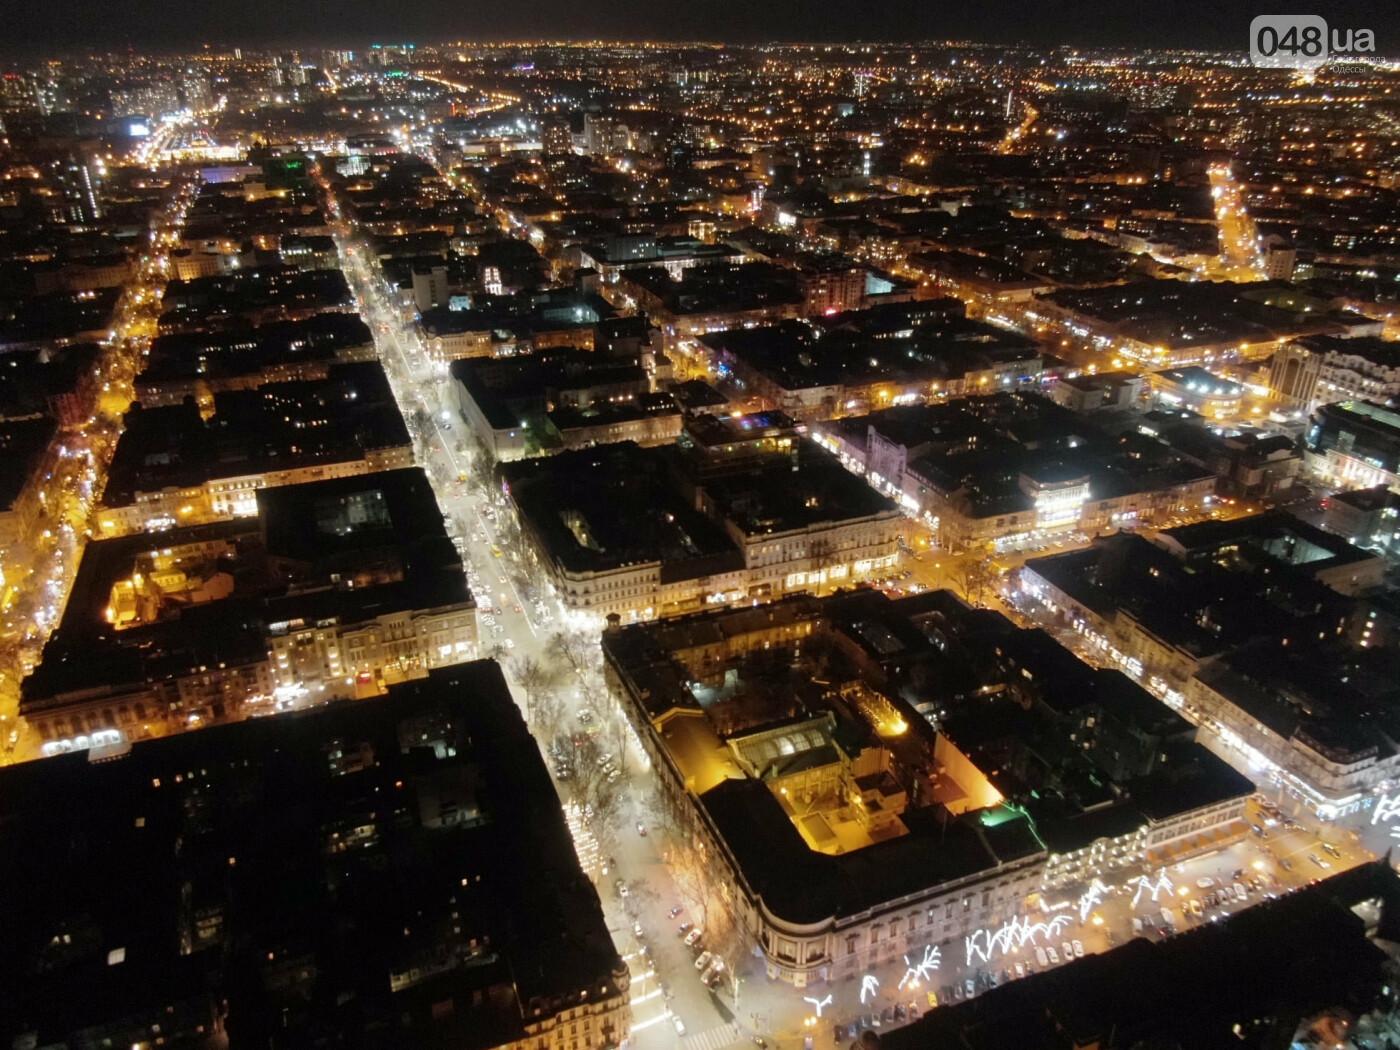 Ночная Одесса с высоты птичьего полета.